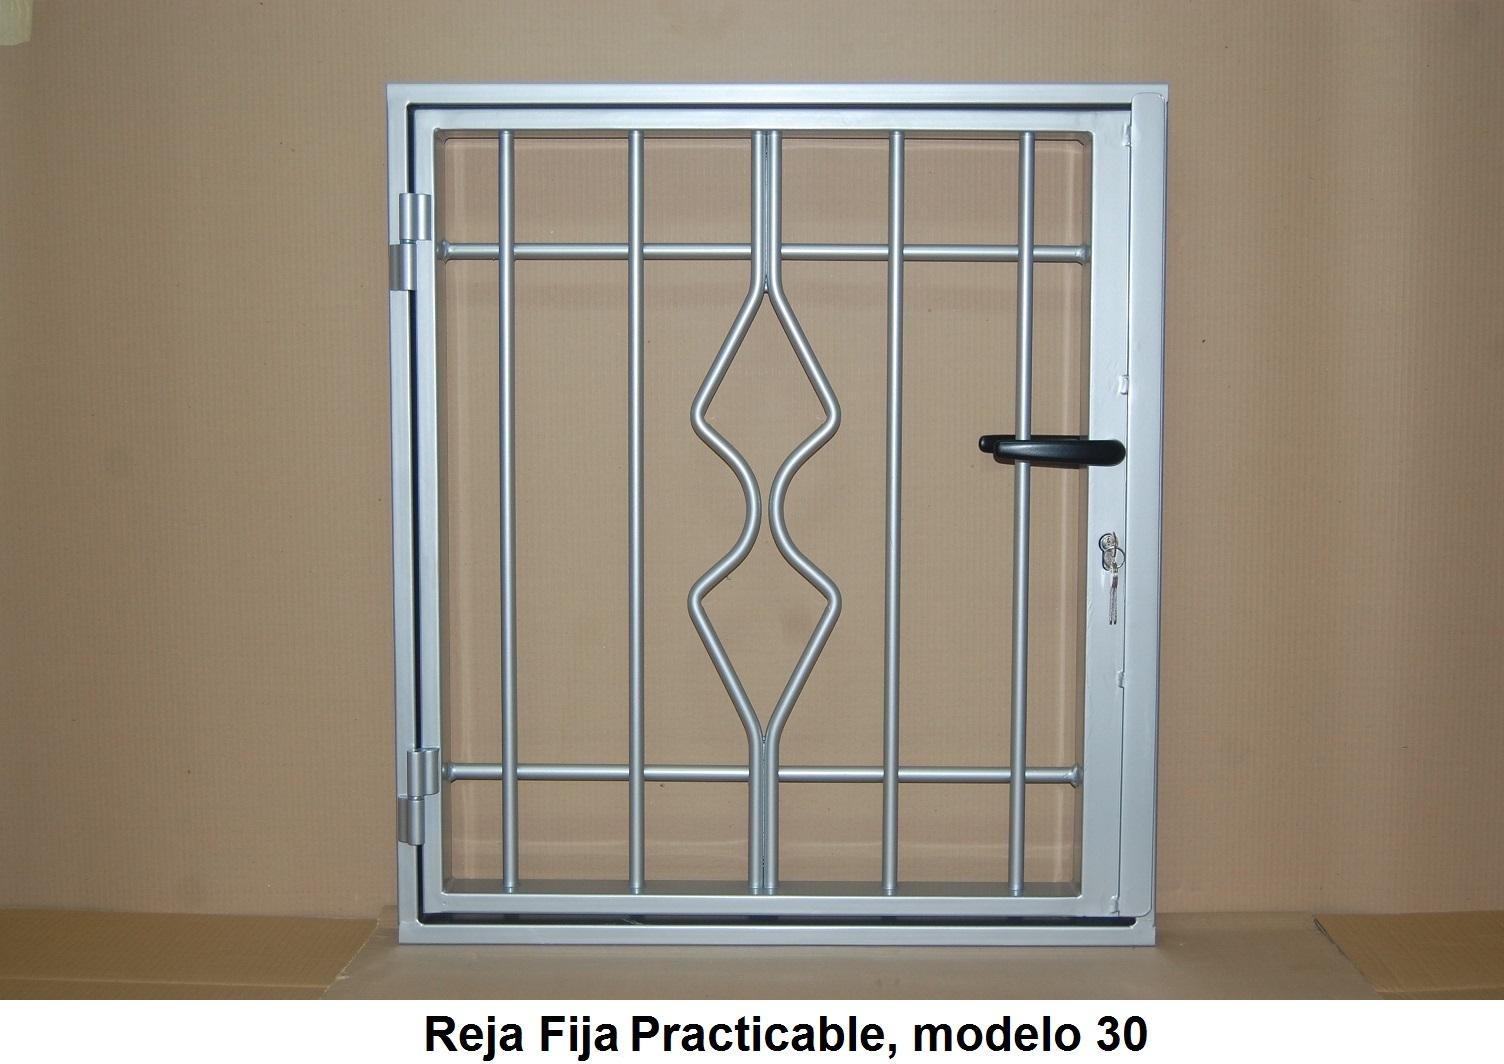 Rejas para ventanas Valencia - Instalación, Reparación, Venta Online ...